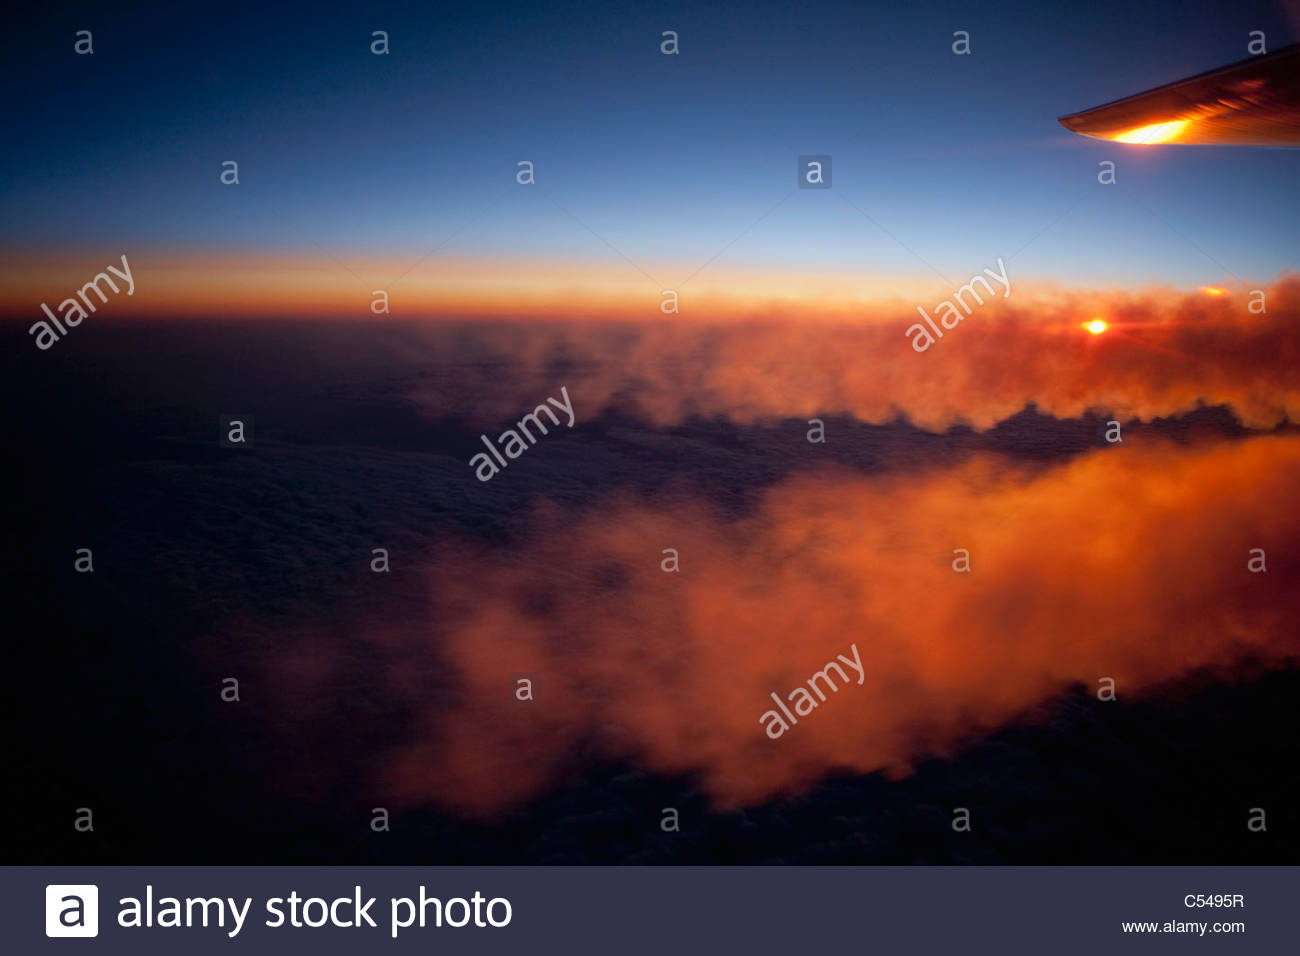 Die Niederlande, Amsterdam, Antenne, Sonnenaufgang über den Wolken, vom Flugzeug. Kondensstreifen oder Kondensstreifen. Stockbild